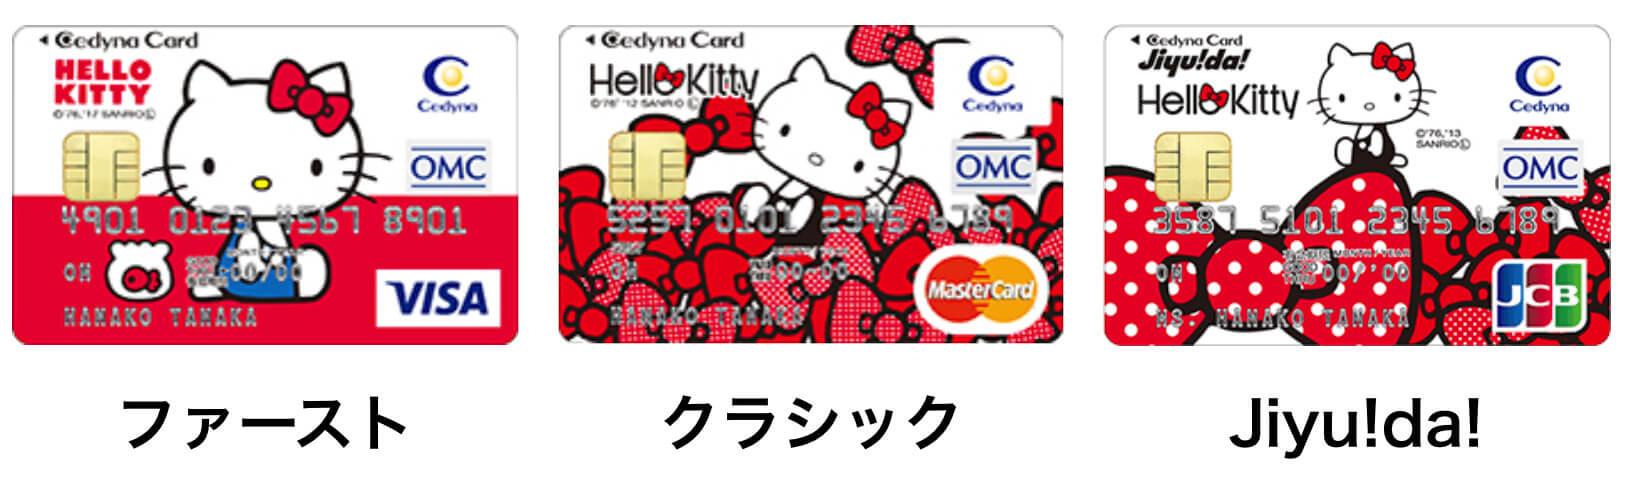 セディナカードファースト セディナカードクラシック セディナカードJiyu!da! ハローキティデザインの券面